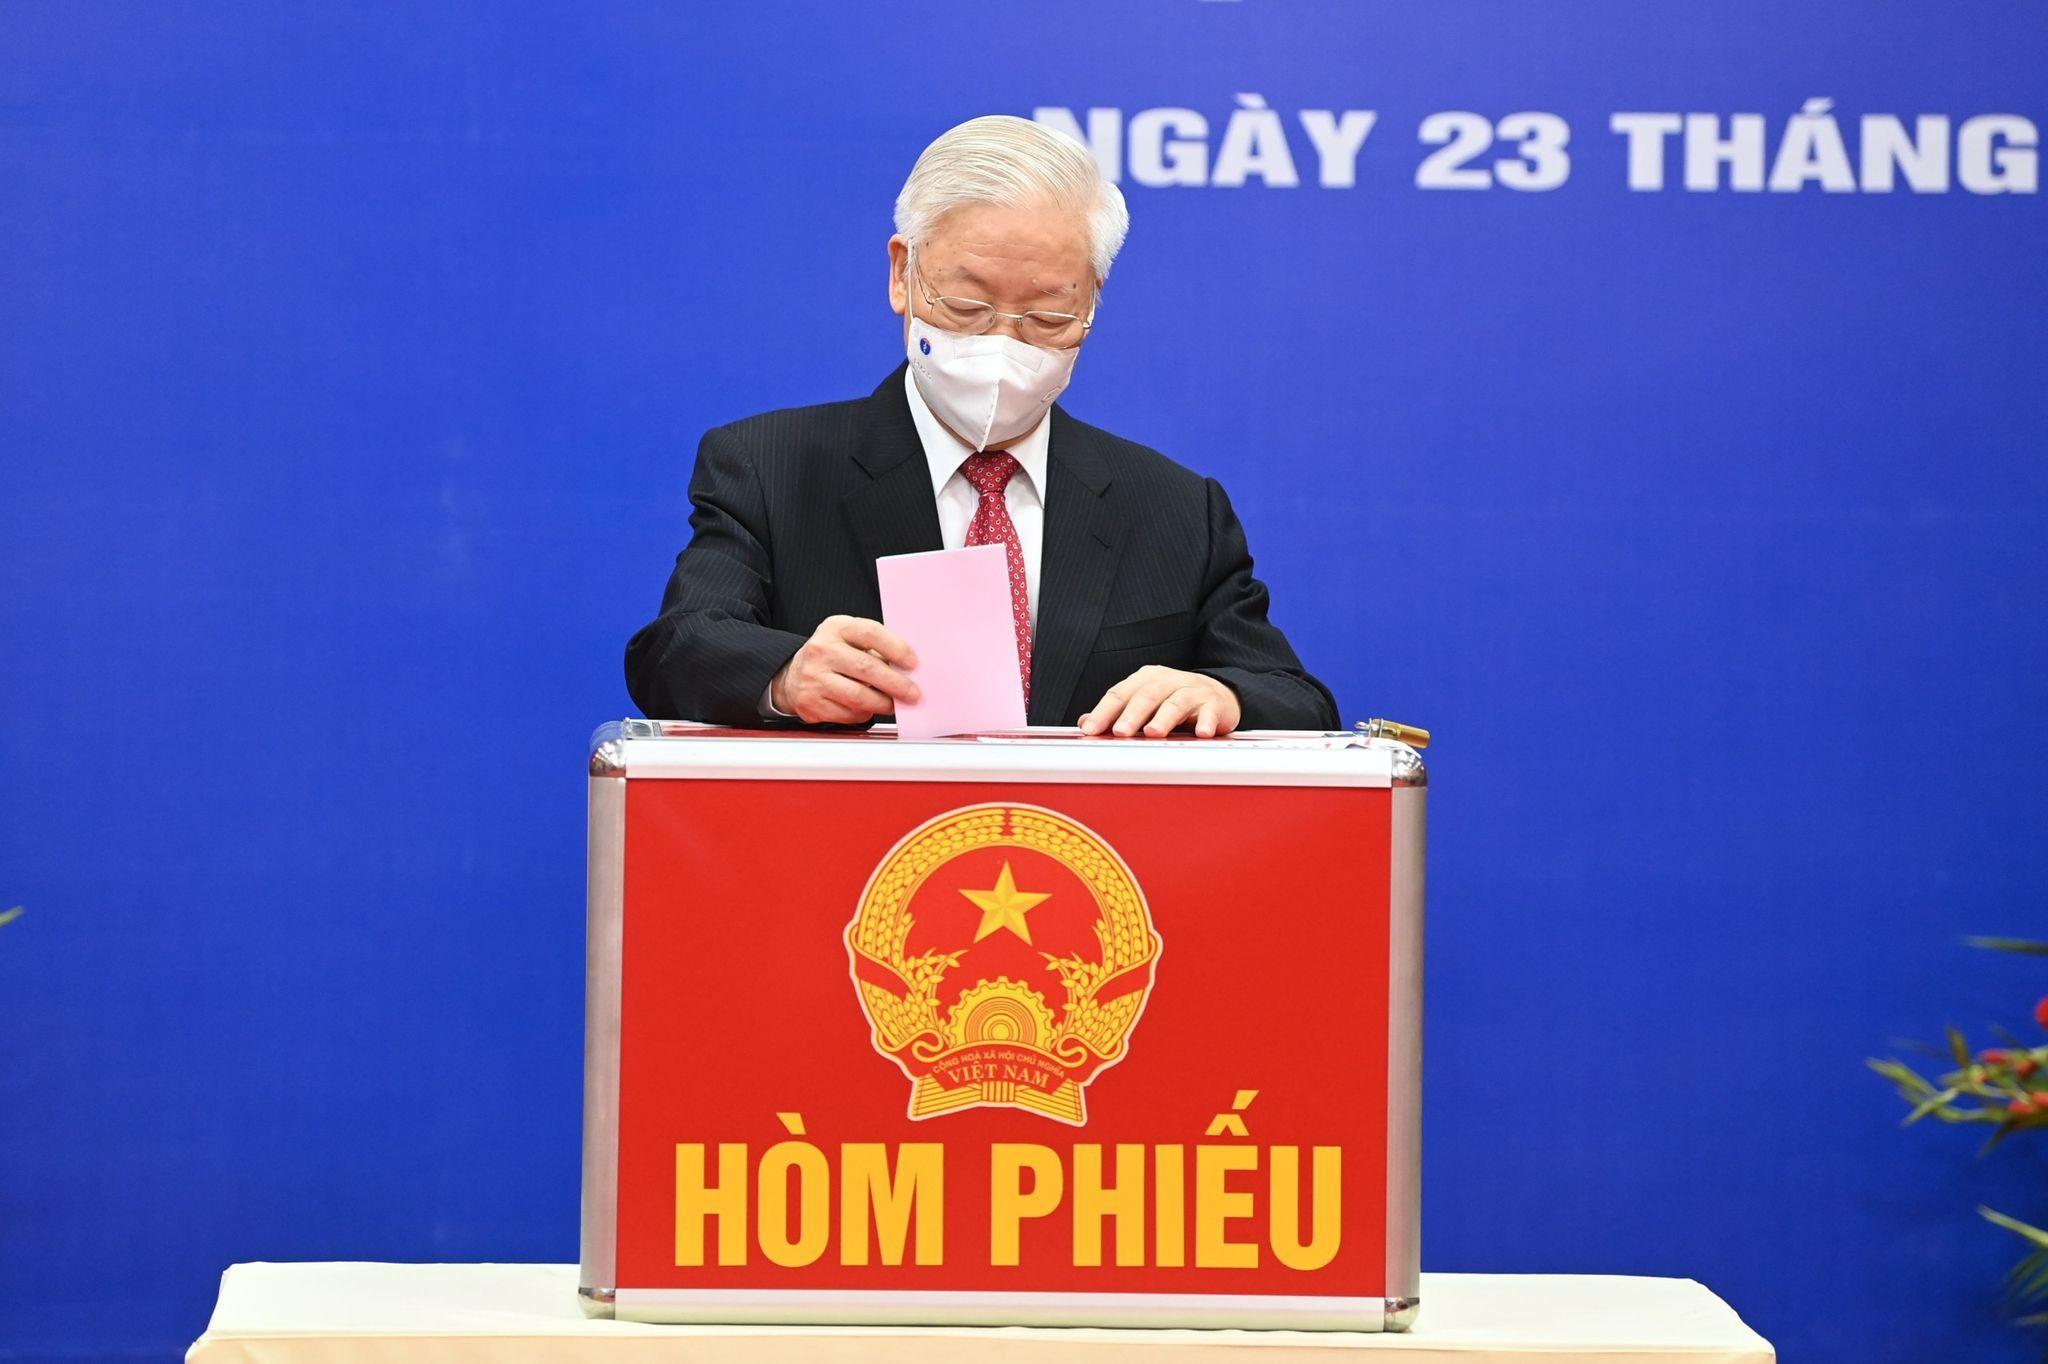 Tổng Bí thư, Chủ tịch nước, Thủ tướng, Chủ tịch Quốc hội bỏ phiếu sớm